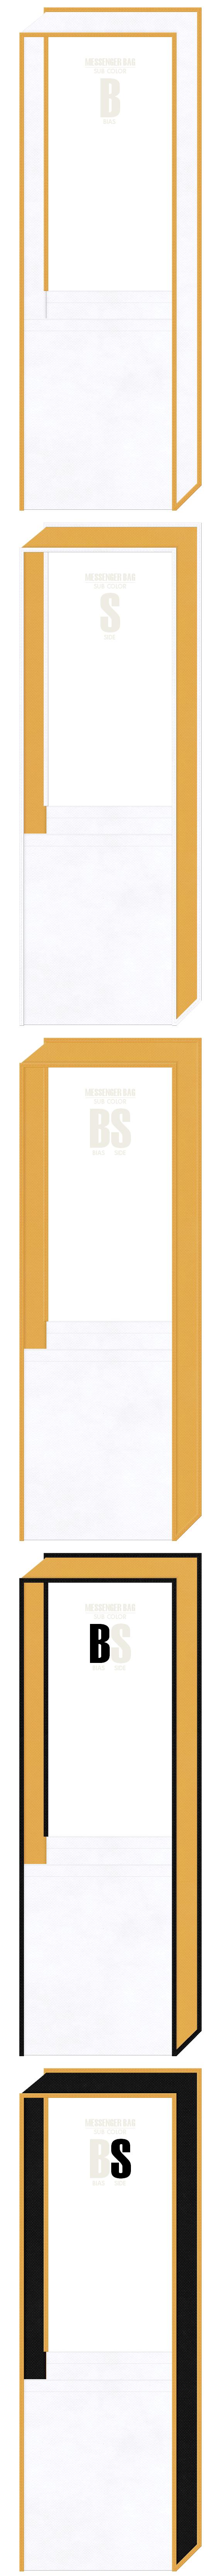 白色・黄土色・黒色の3色を使用した、不織布メッセンジャーバッグのデザイン